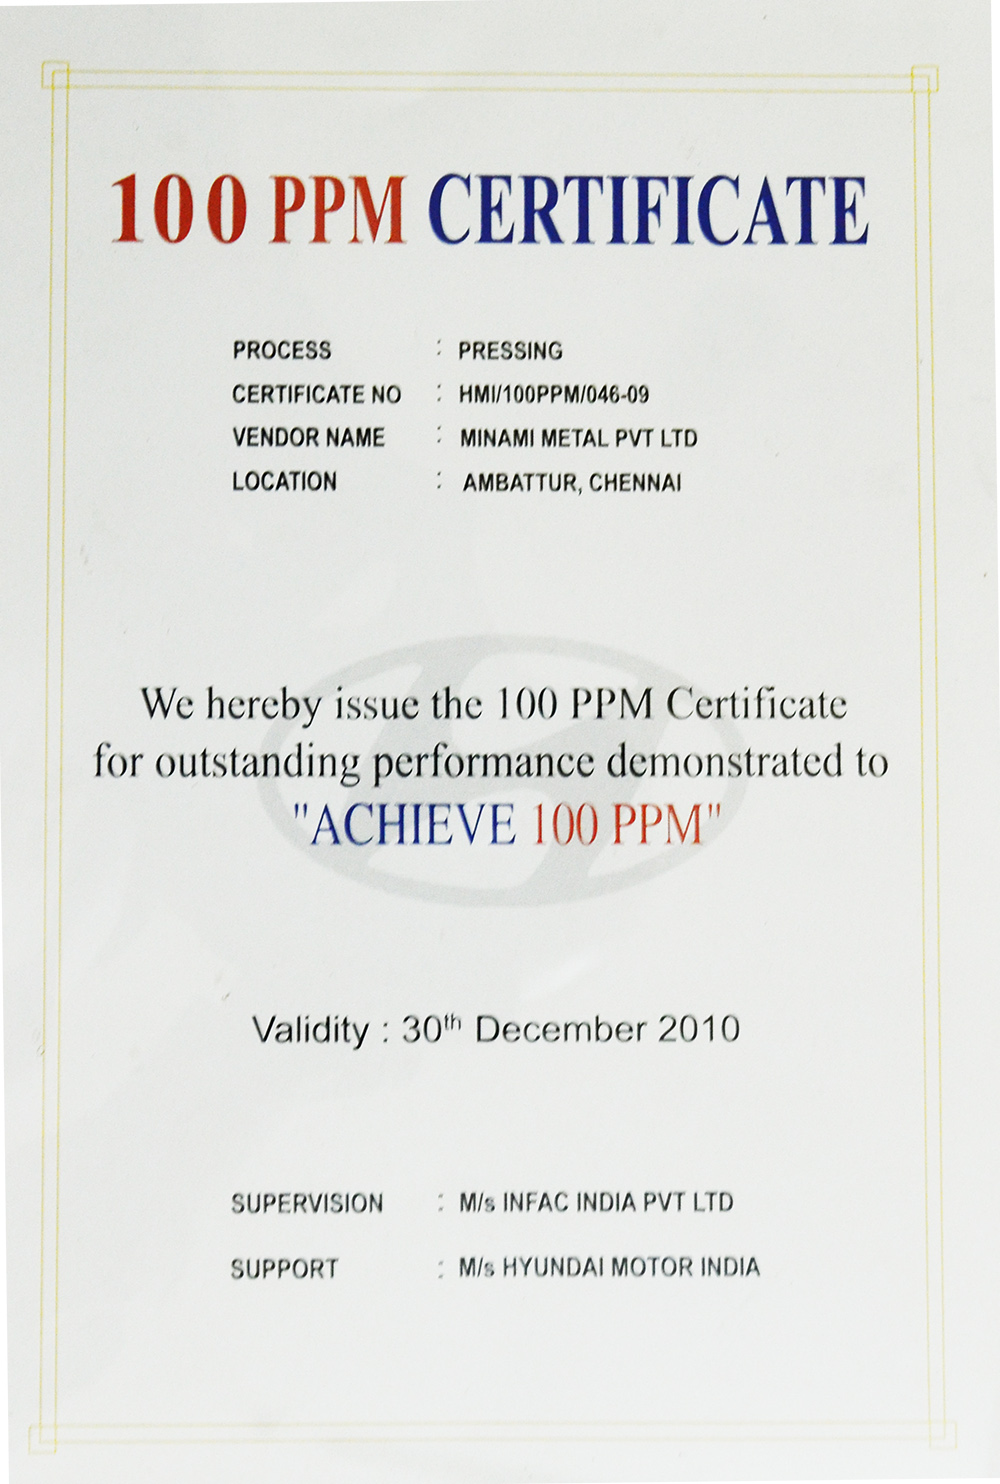 Hyundai >> Certifications & Awards – Minami Metals